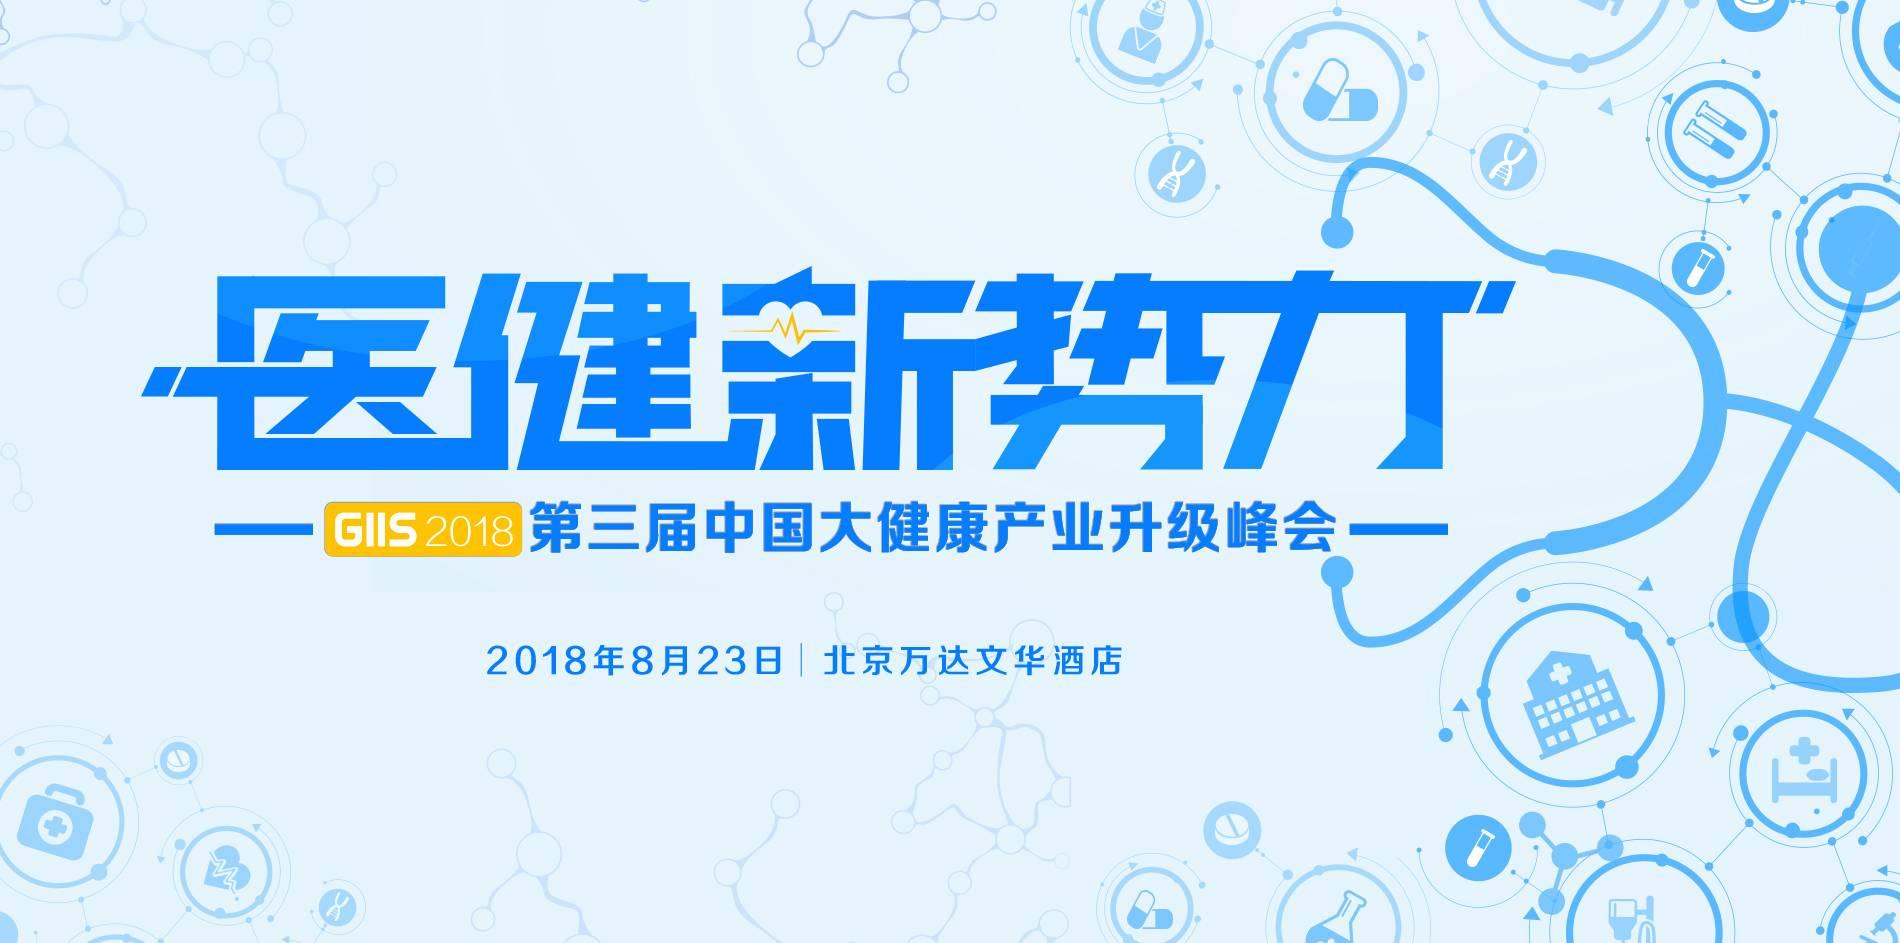 【活动】医健新势力 GIIS 2018第三届中国大健康产业升级峰会(官方报名通道)-亿欧